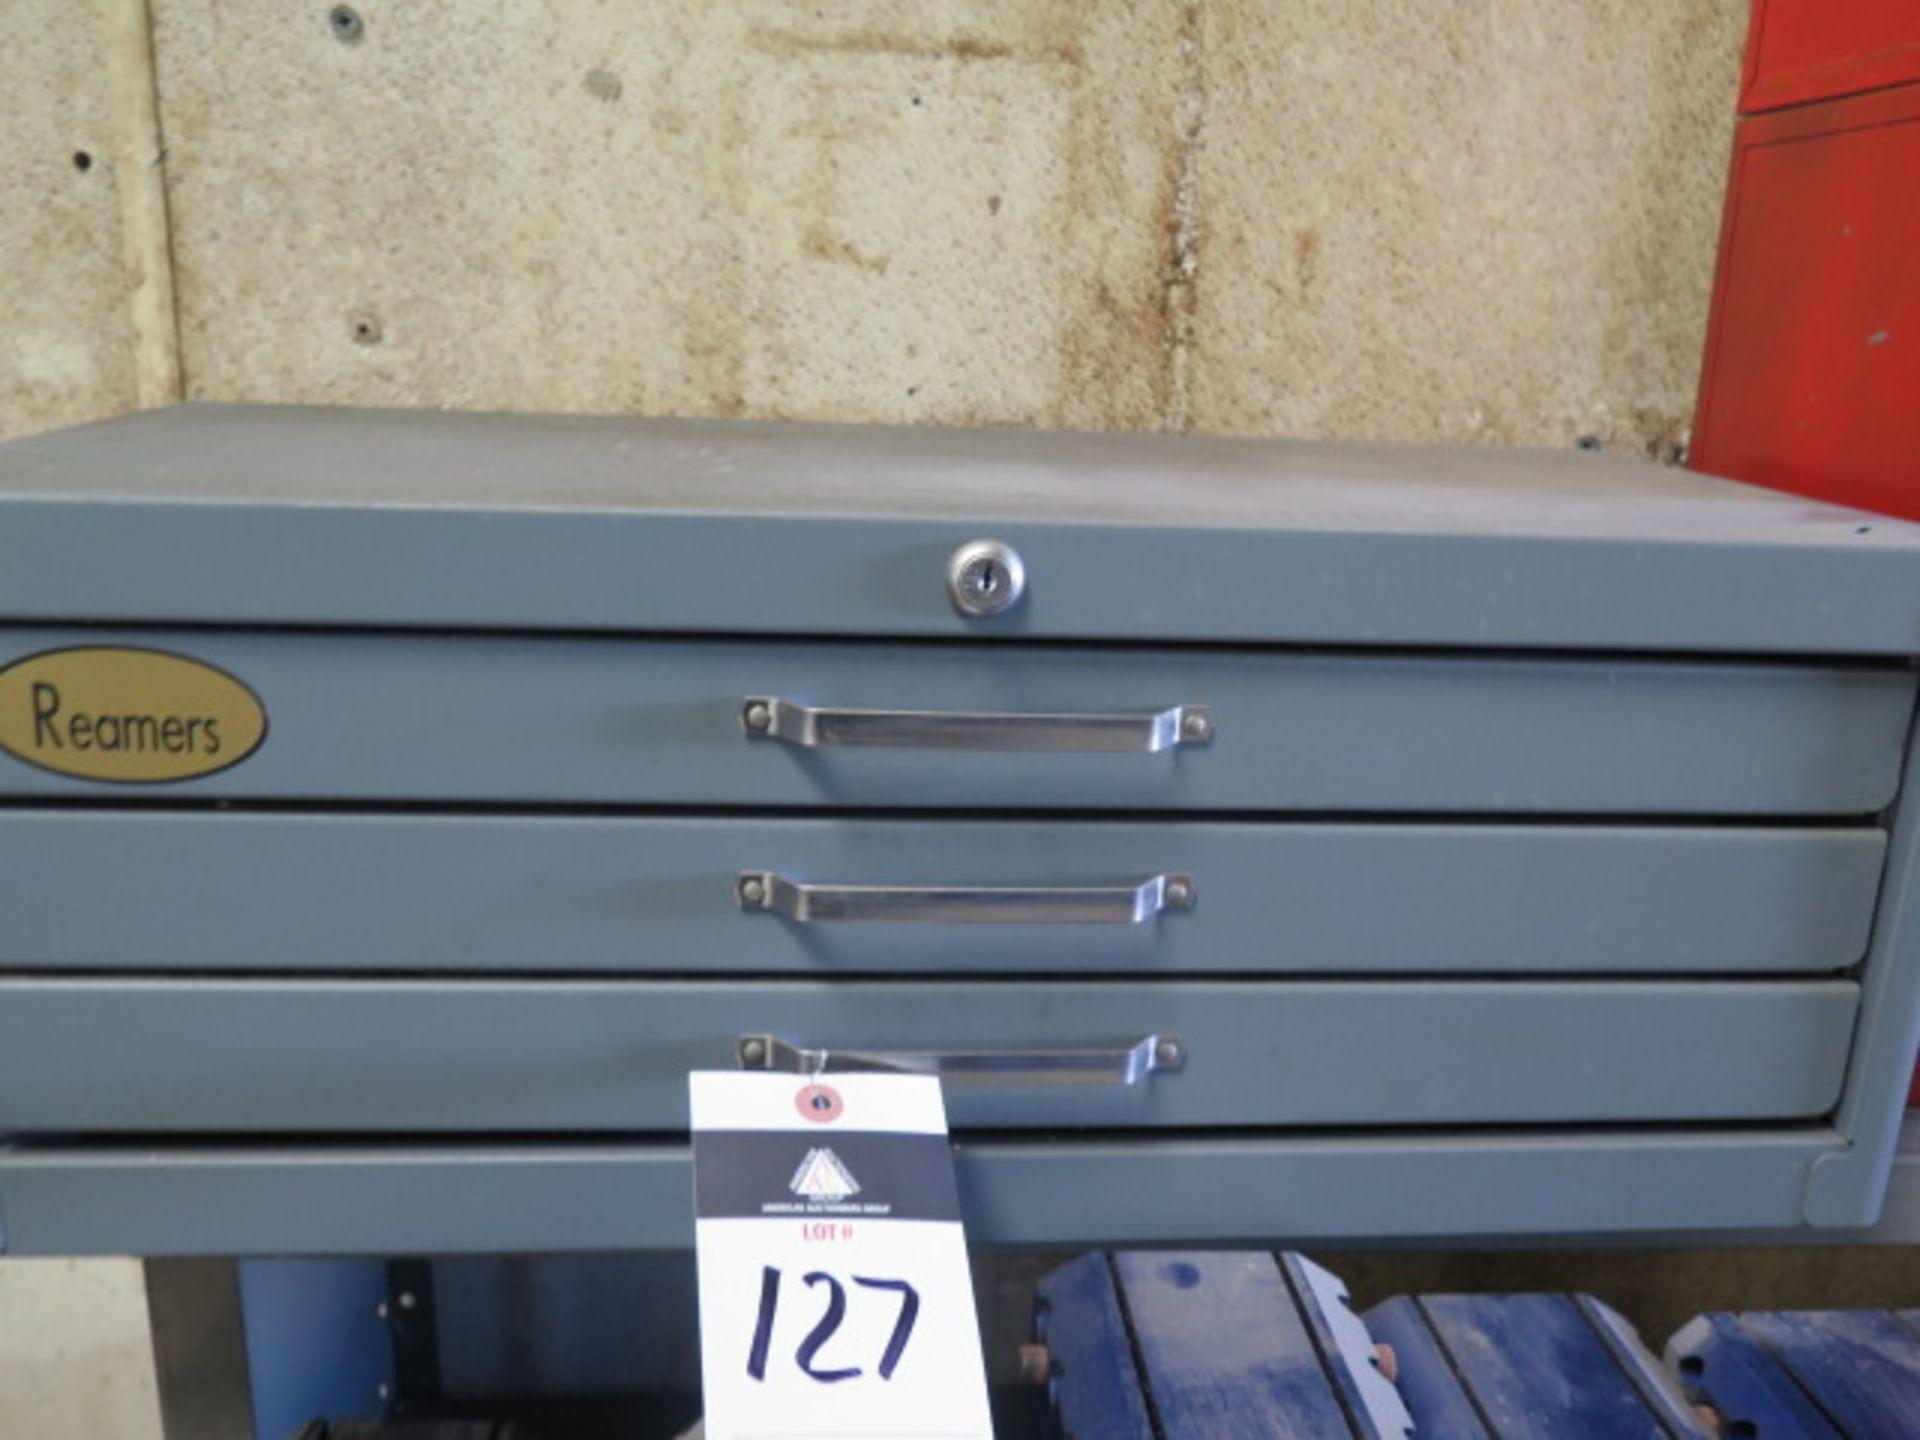 Lot 127 - Huot Reamer Cabinet